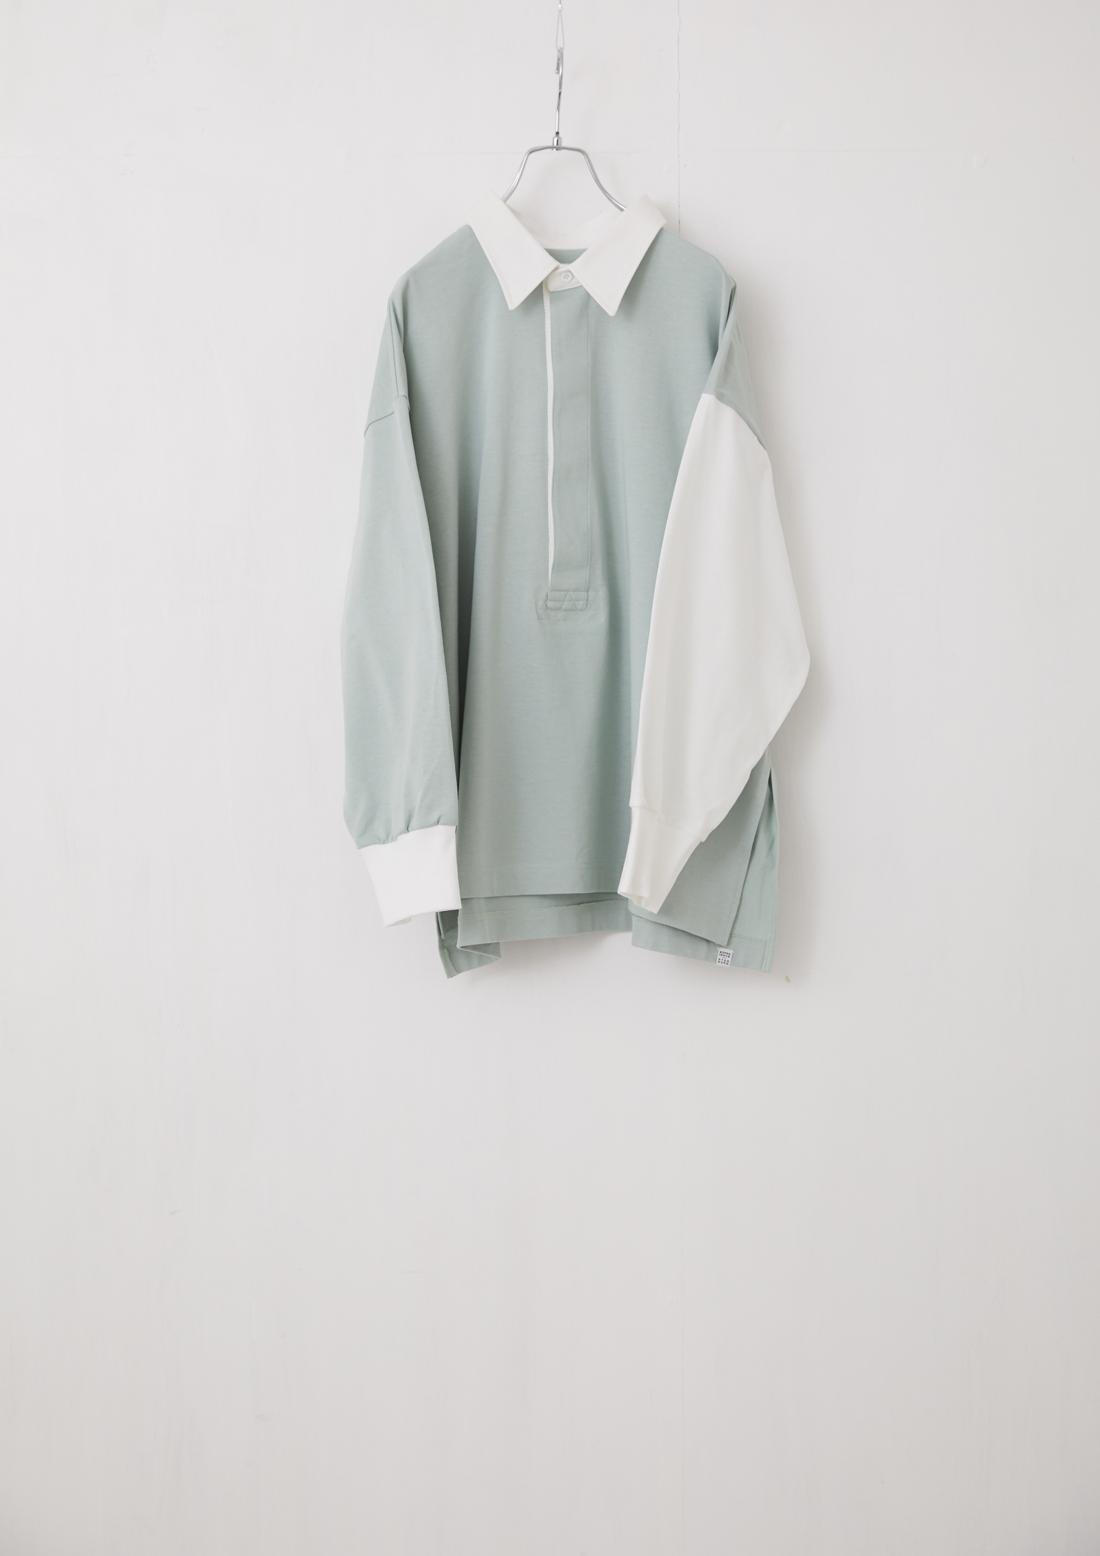 SUPP. rugger shirts